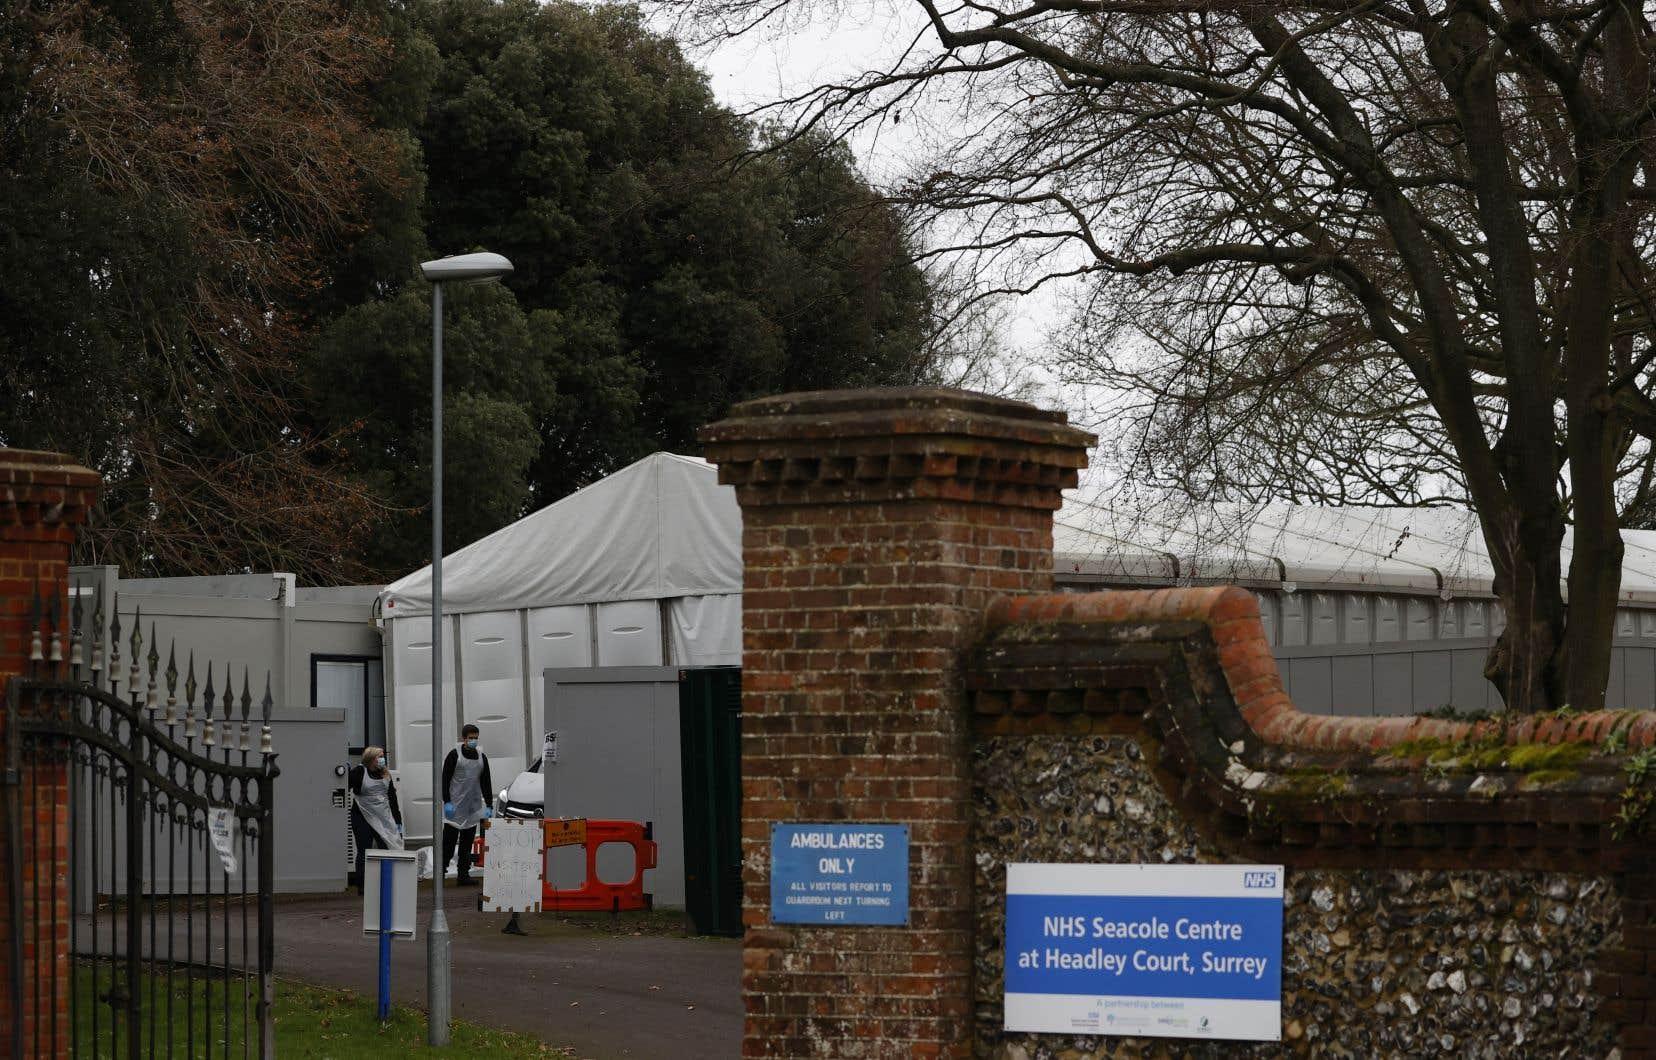 Faute de places, la morgue provisoire d'Epsom, dans le comté du Surrey, en banlieue sud-ouest de Londres, accueille 170 corps, dont plus de la moitié sont des personnes mortes de la COVID-19, selon le conseil local.